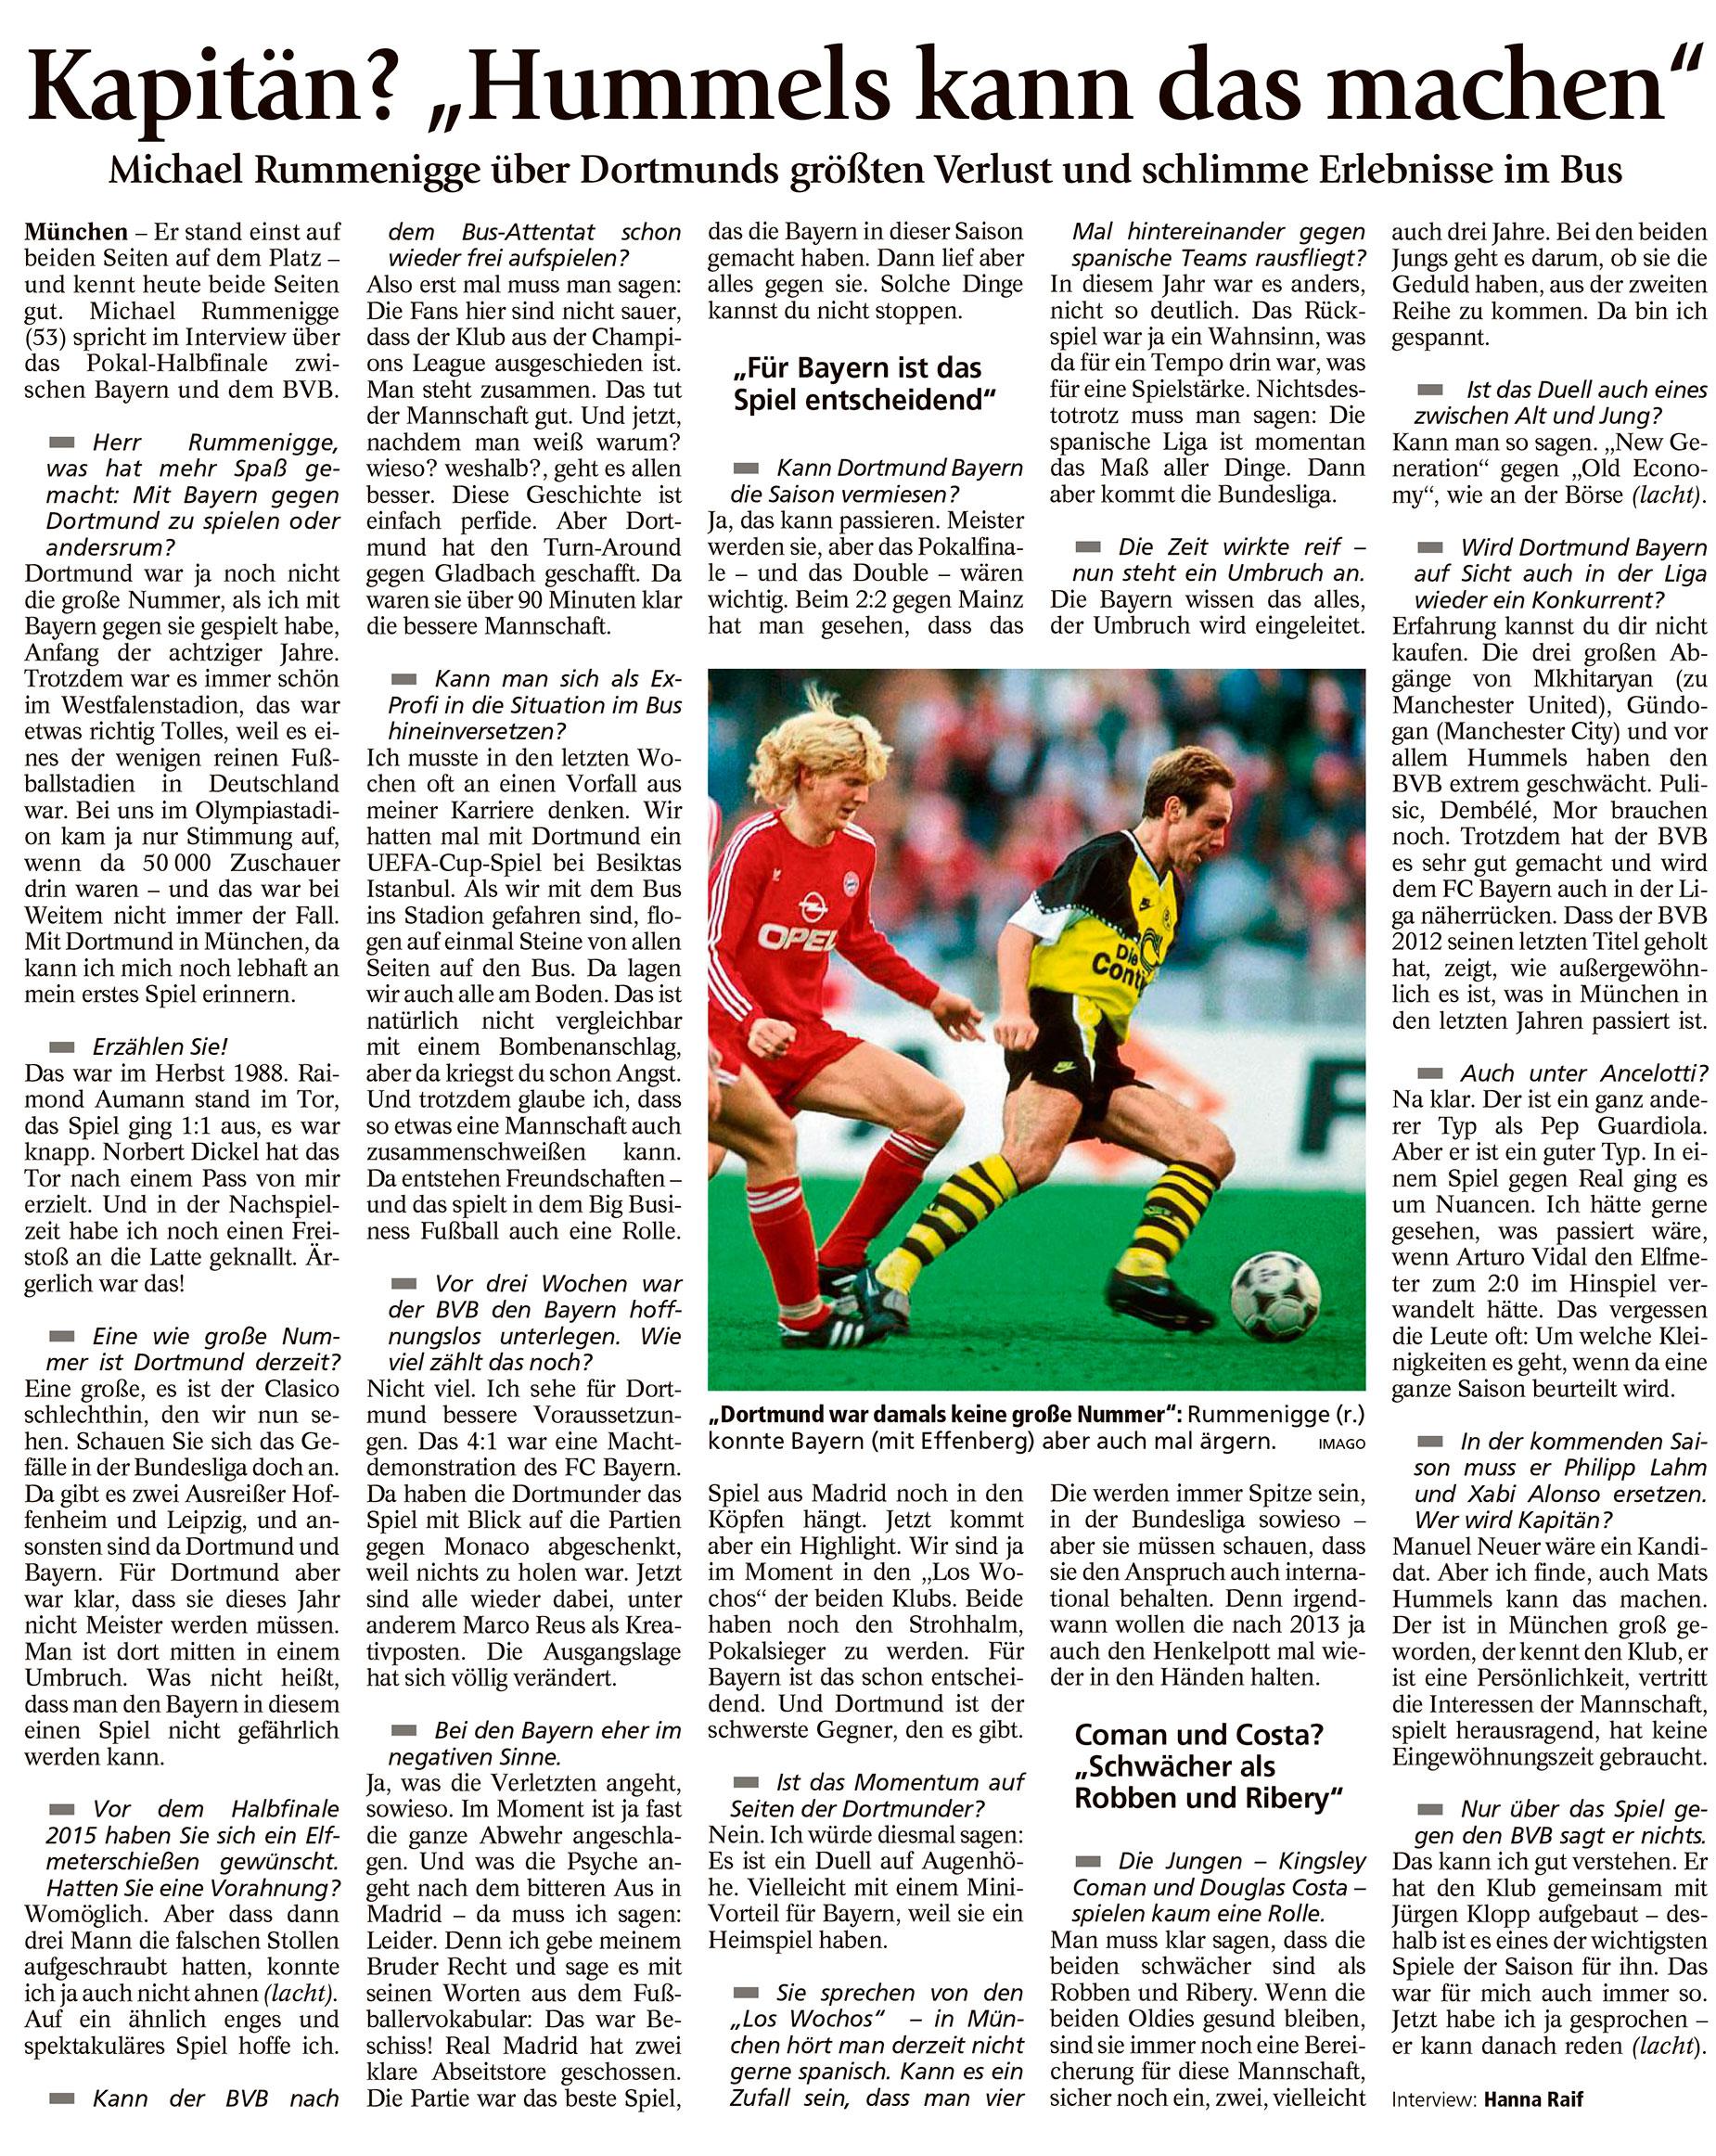 Interview mit Michael Rummenigge im Münchner Merkur zum Pokalhalbfinale-Klassiker 2017